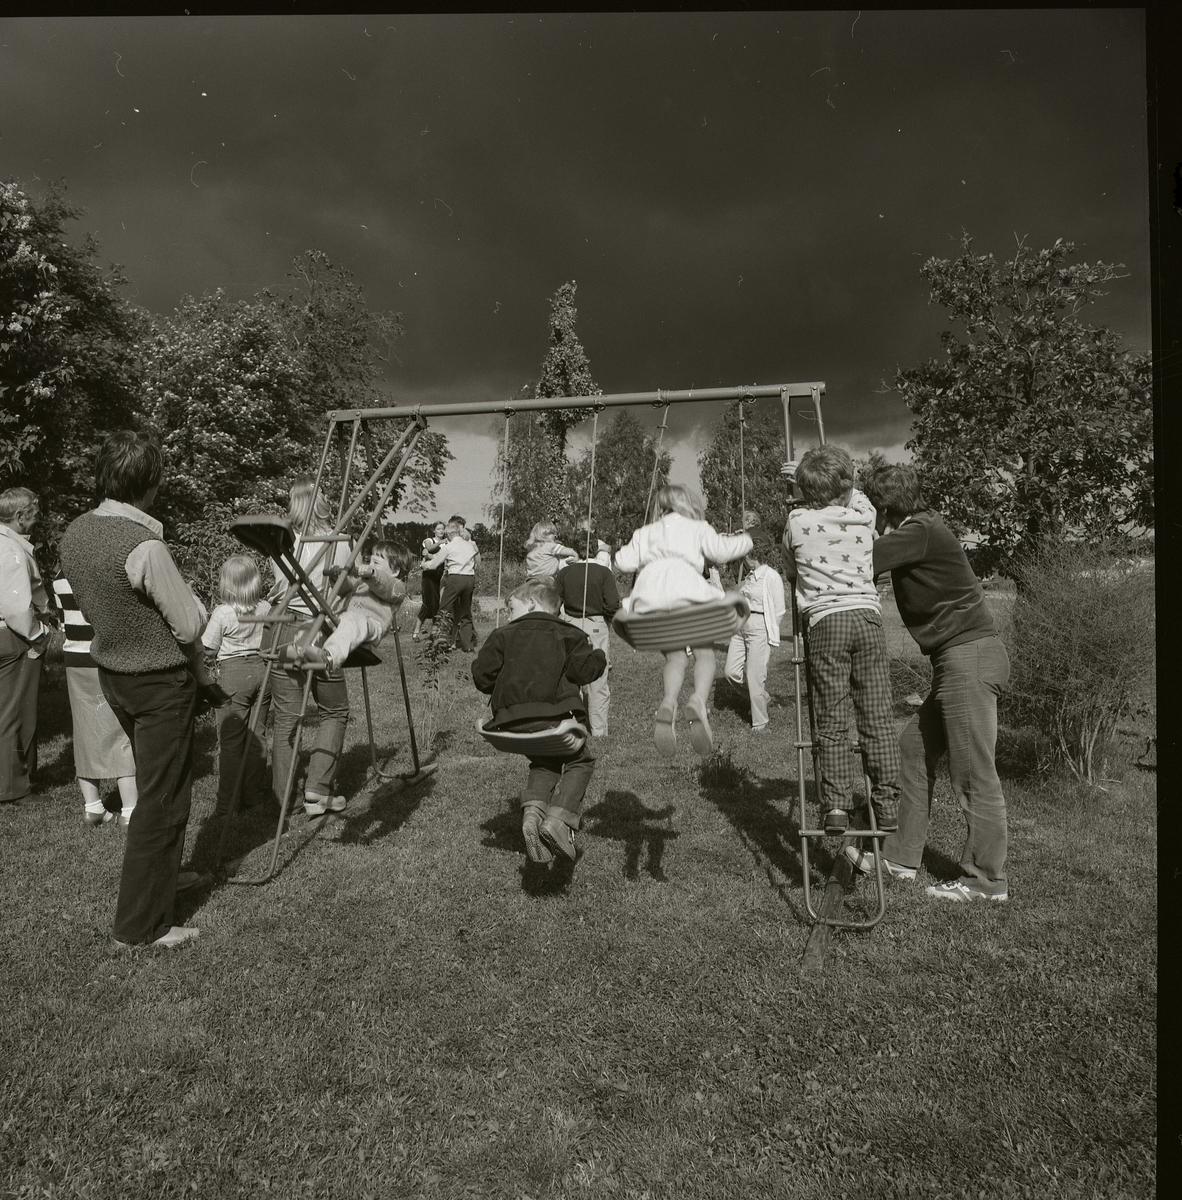 Det är midsommarafton 1981 och några barn leker i en gungställning. De flesta andra har sin uppmärksamhet riktad mot några dansande par. Bortom dansarna ligger ett mörkt molntäcke strax över horisonten. De omgivande trädens lövverk blåser i vinden och ett oväder verkar vara i antågande.